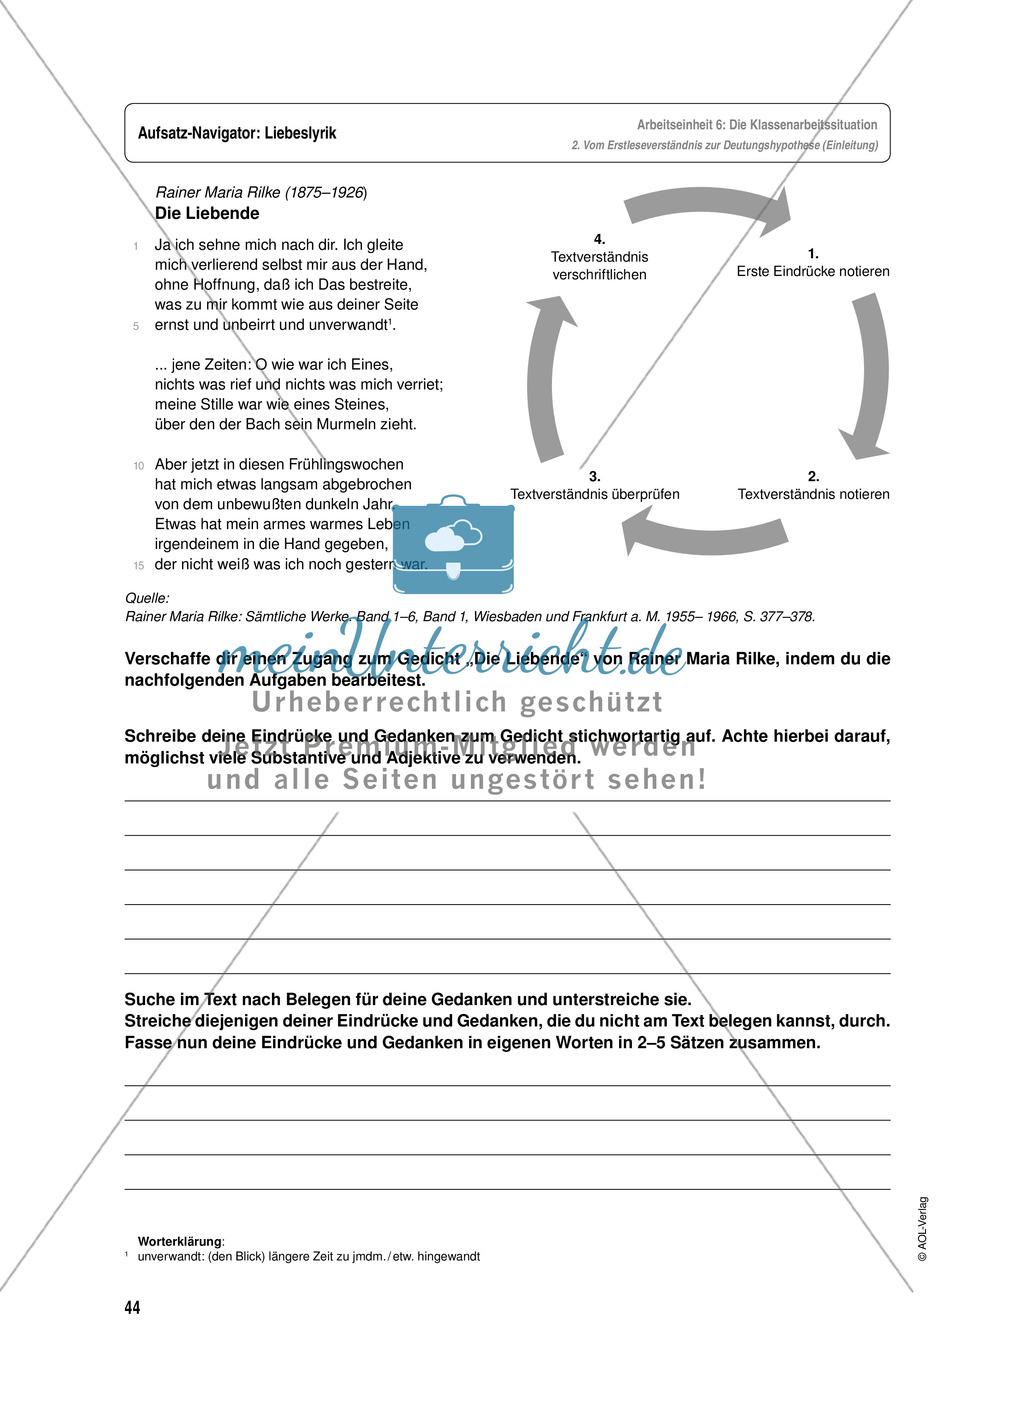 Arbeitseinheit zur Gestaltung einer Analyse / Interpretation von Liebeslyrik - Vorbereitung auf die Klassenarbeitssituation Preview 3